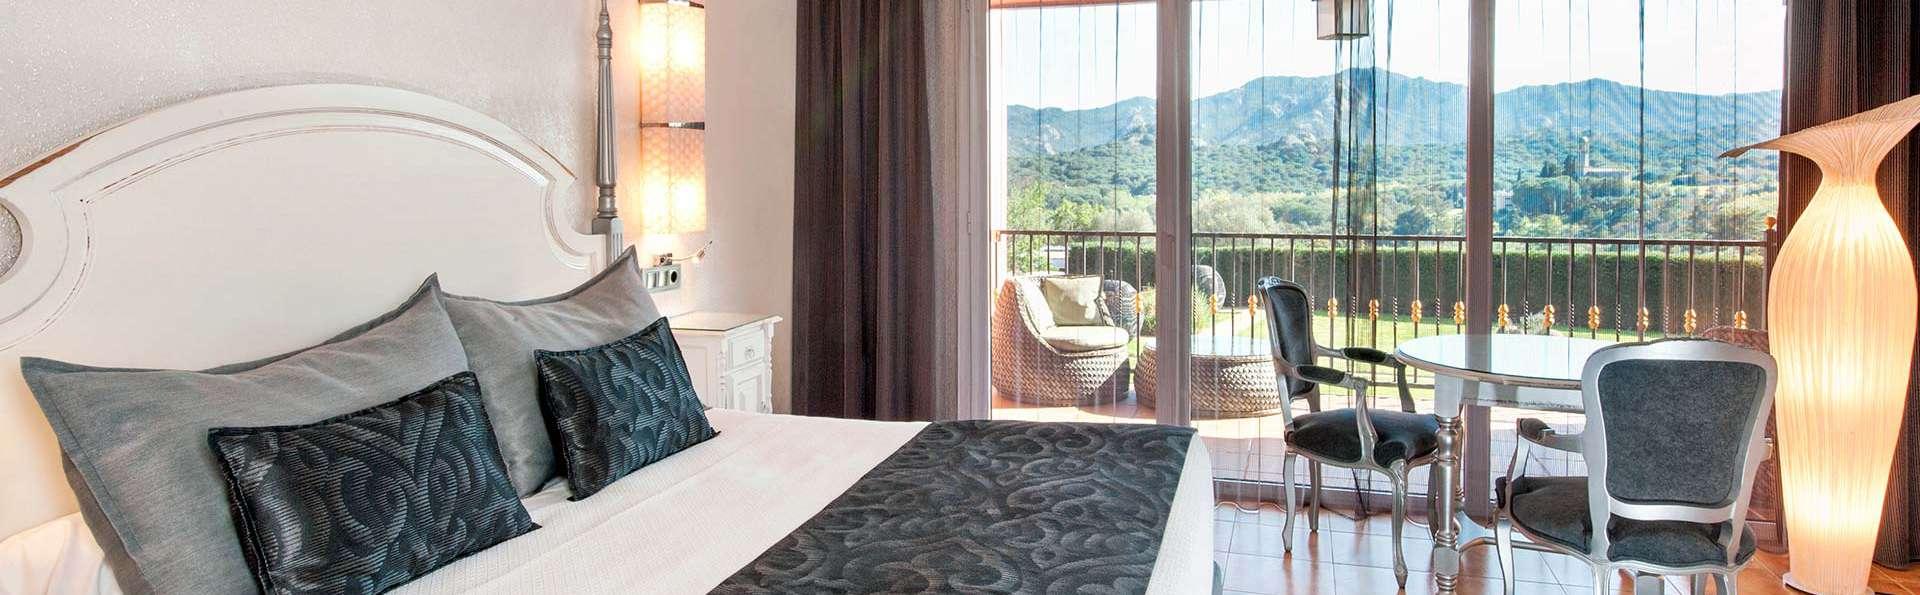 Sallés Hotel Mas Tapiolas - EDIT_N3_ROOM__5_.jpg